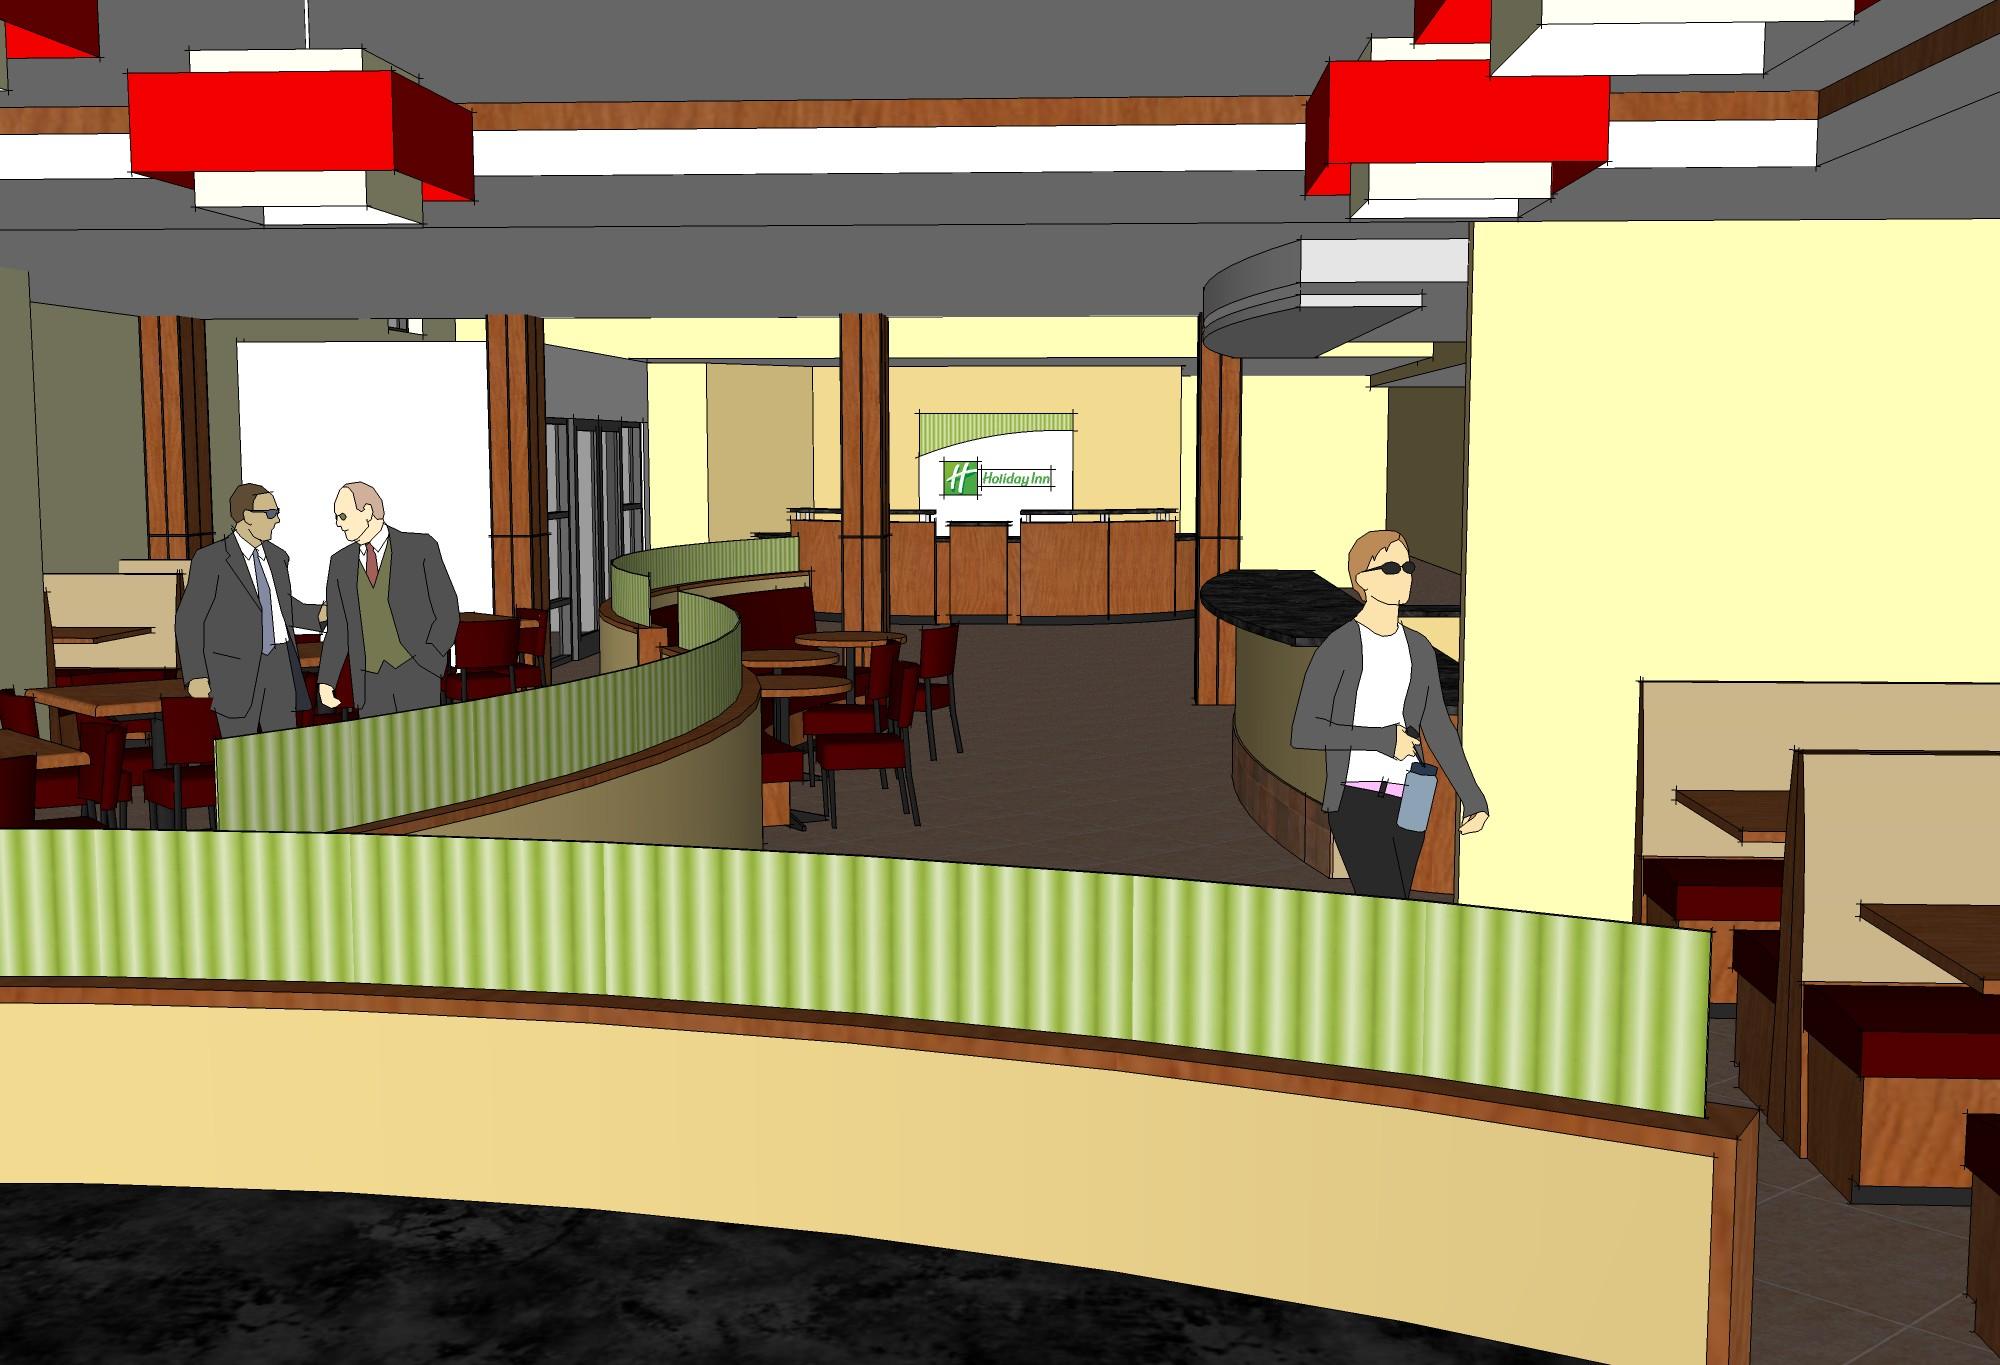 Holiday Inn NE_Interior 6.jpg